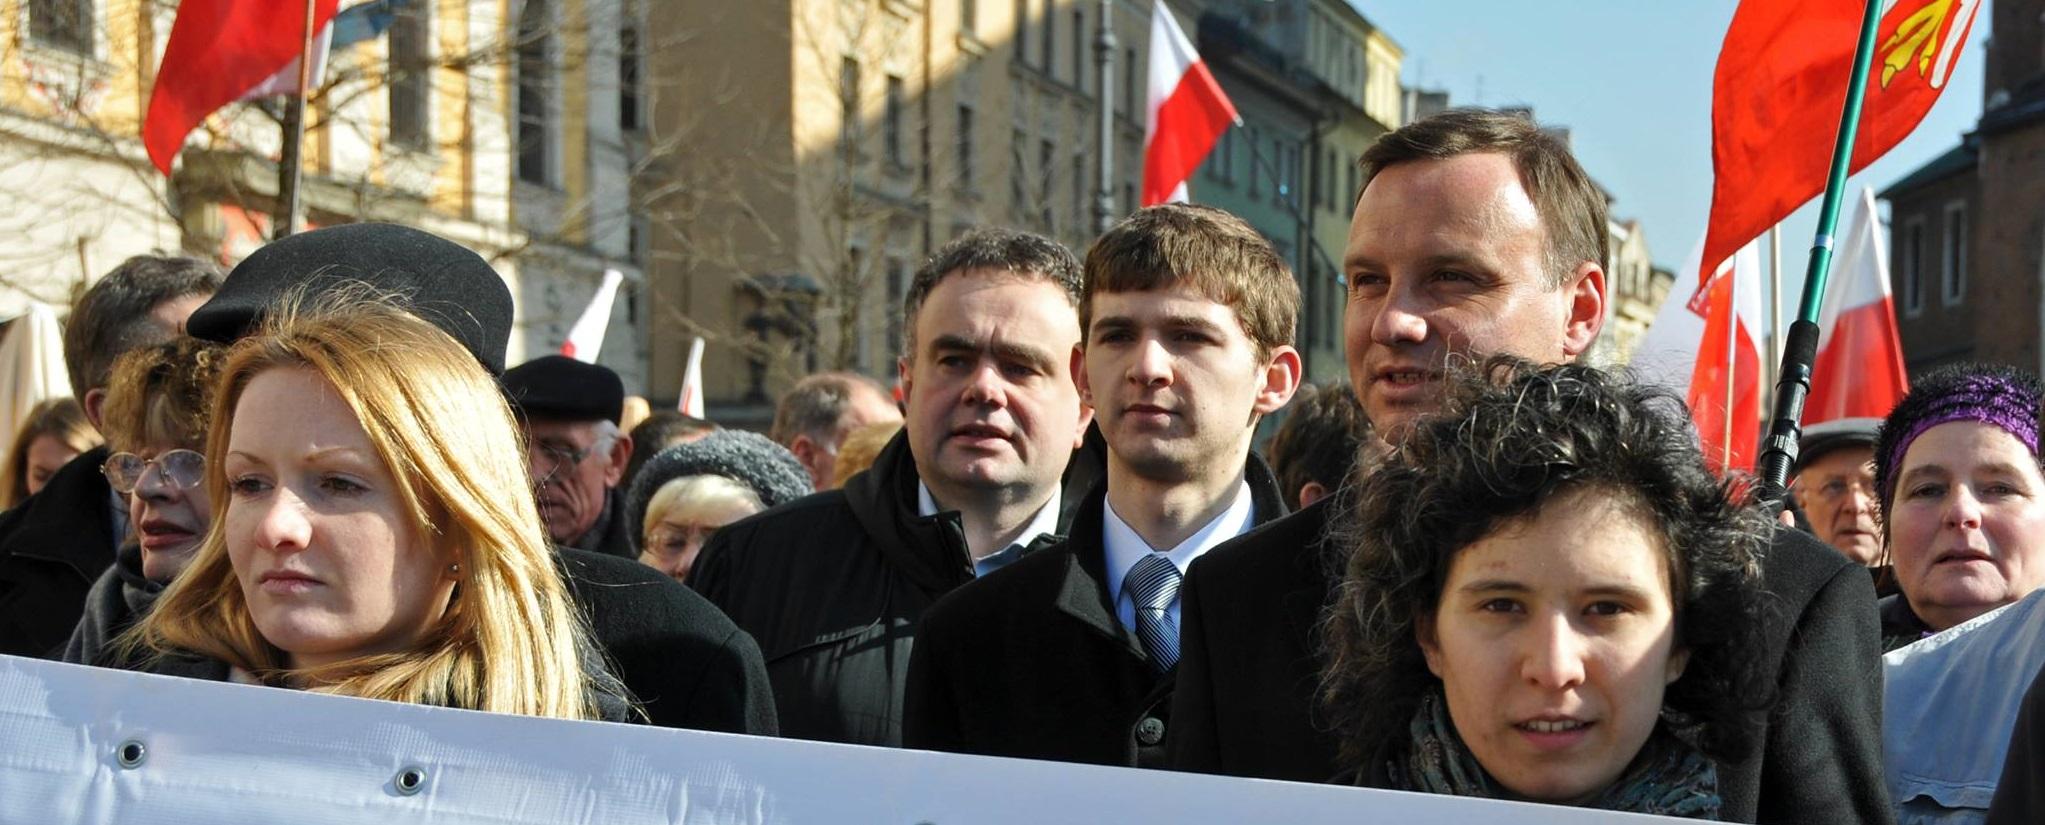 Kraków-4.03.2012